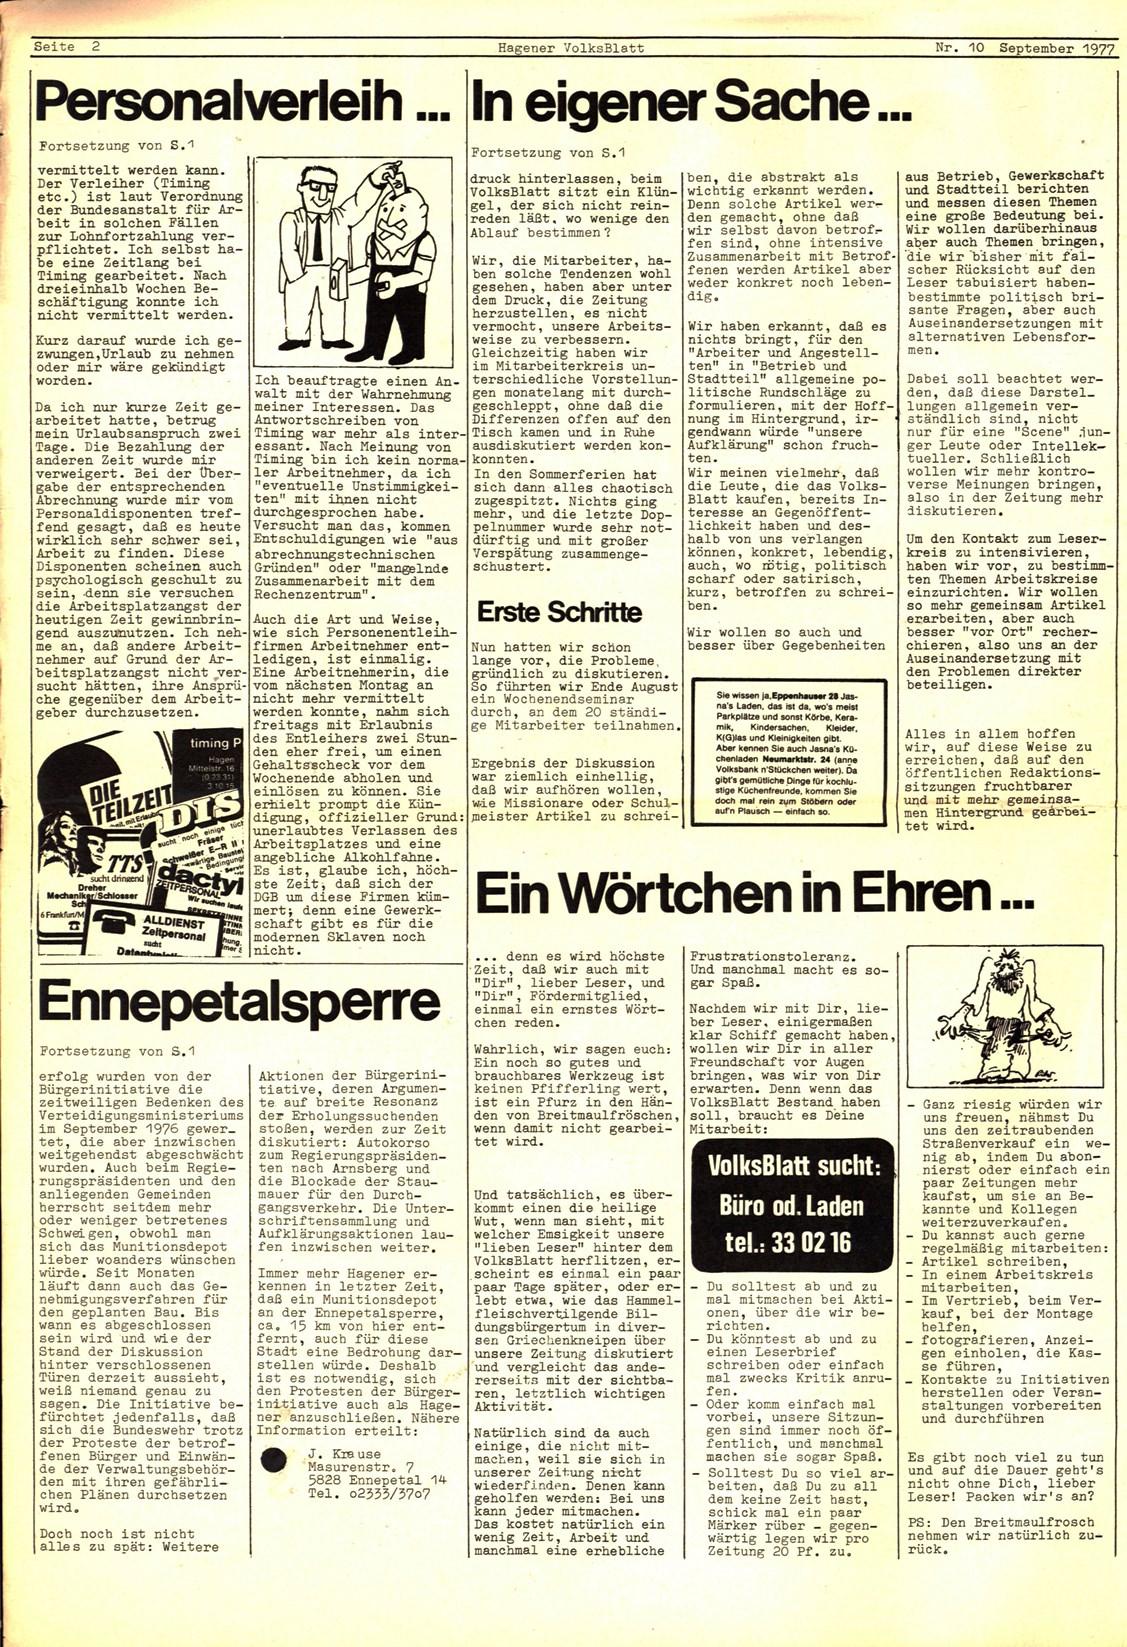 Hagen_Volksblatt_19770900_02